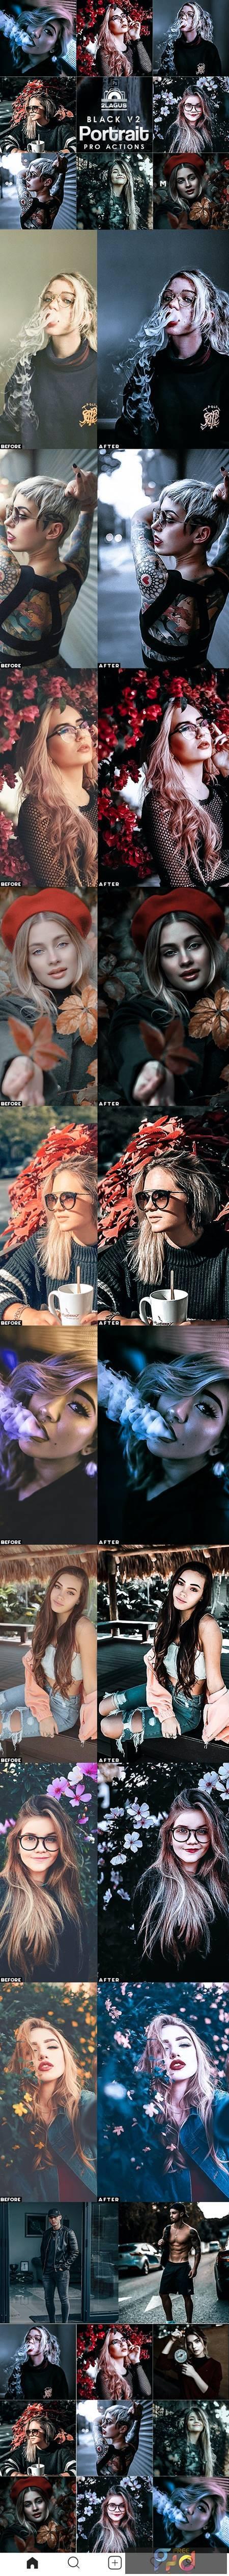 Black Portrait V2 Photoshop Actions 27735528 1